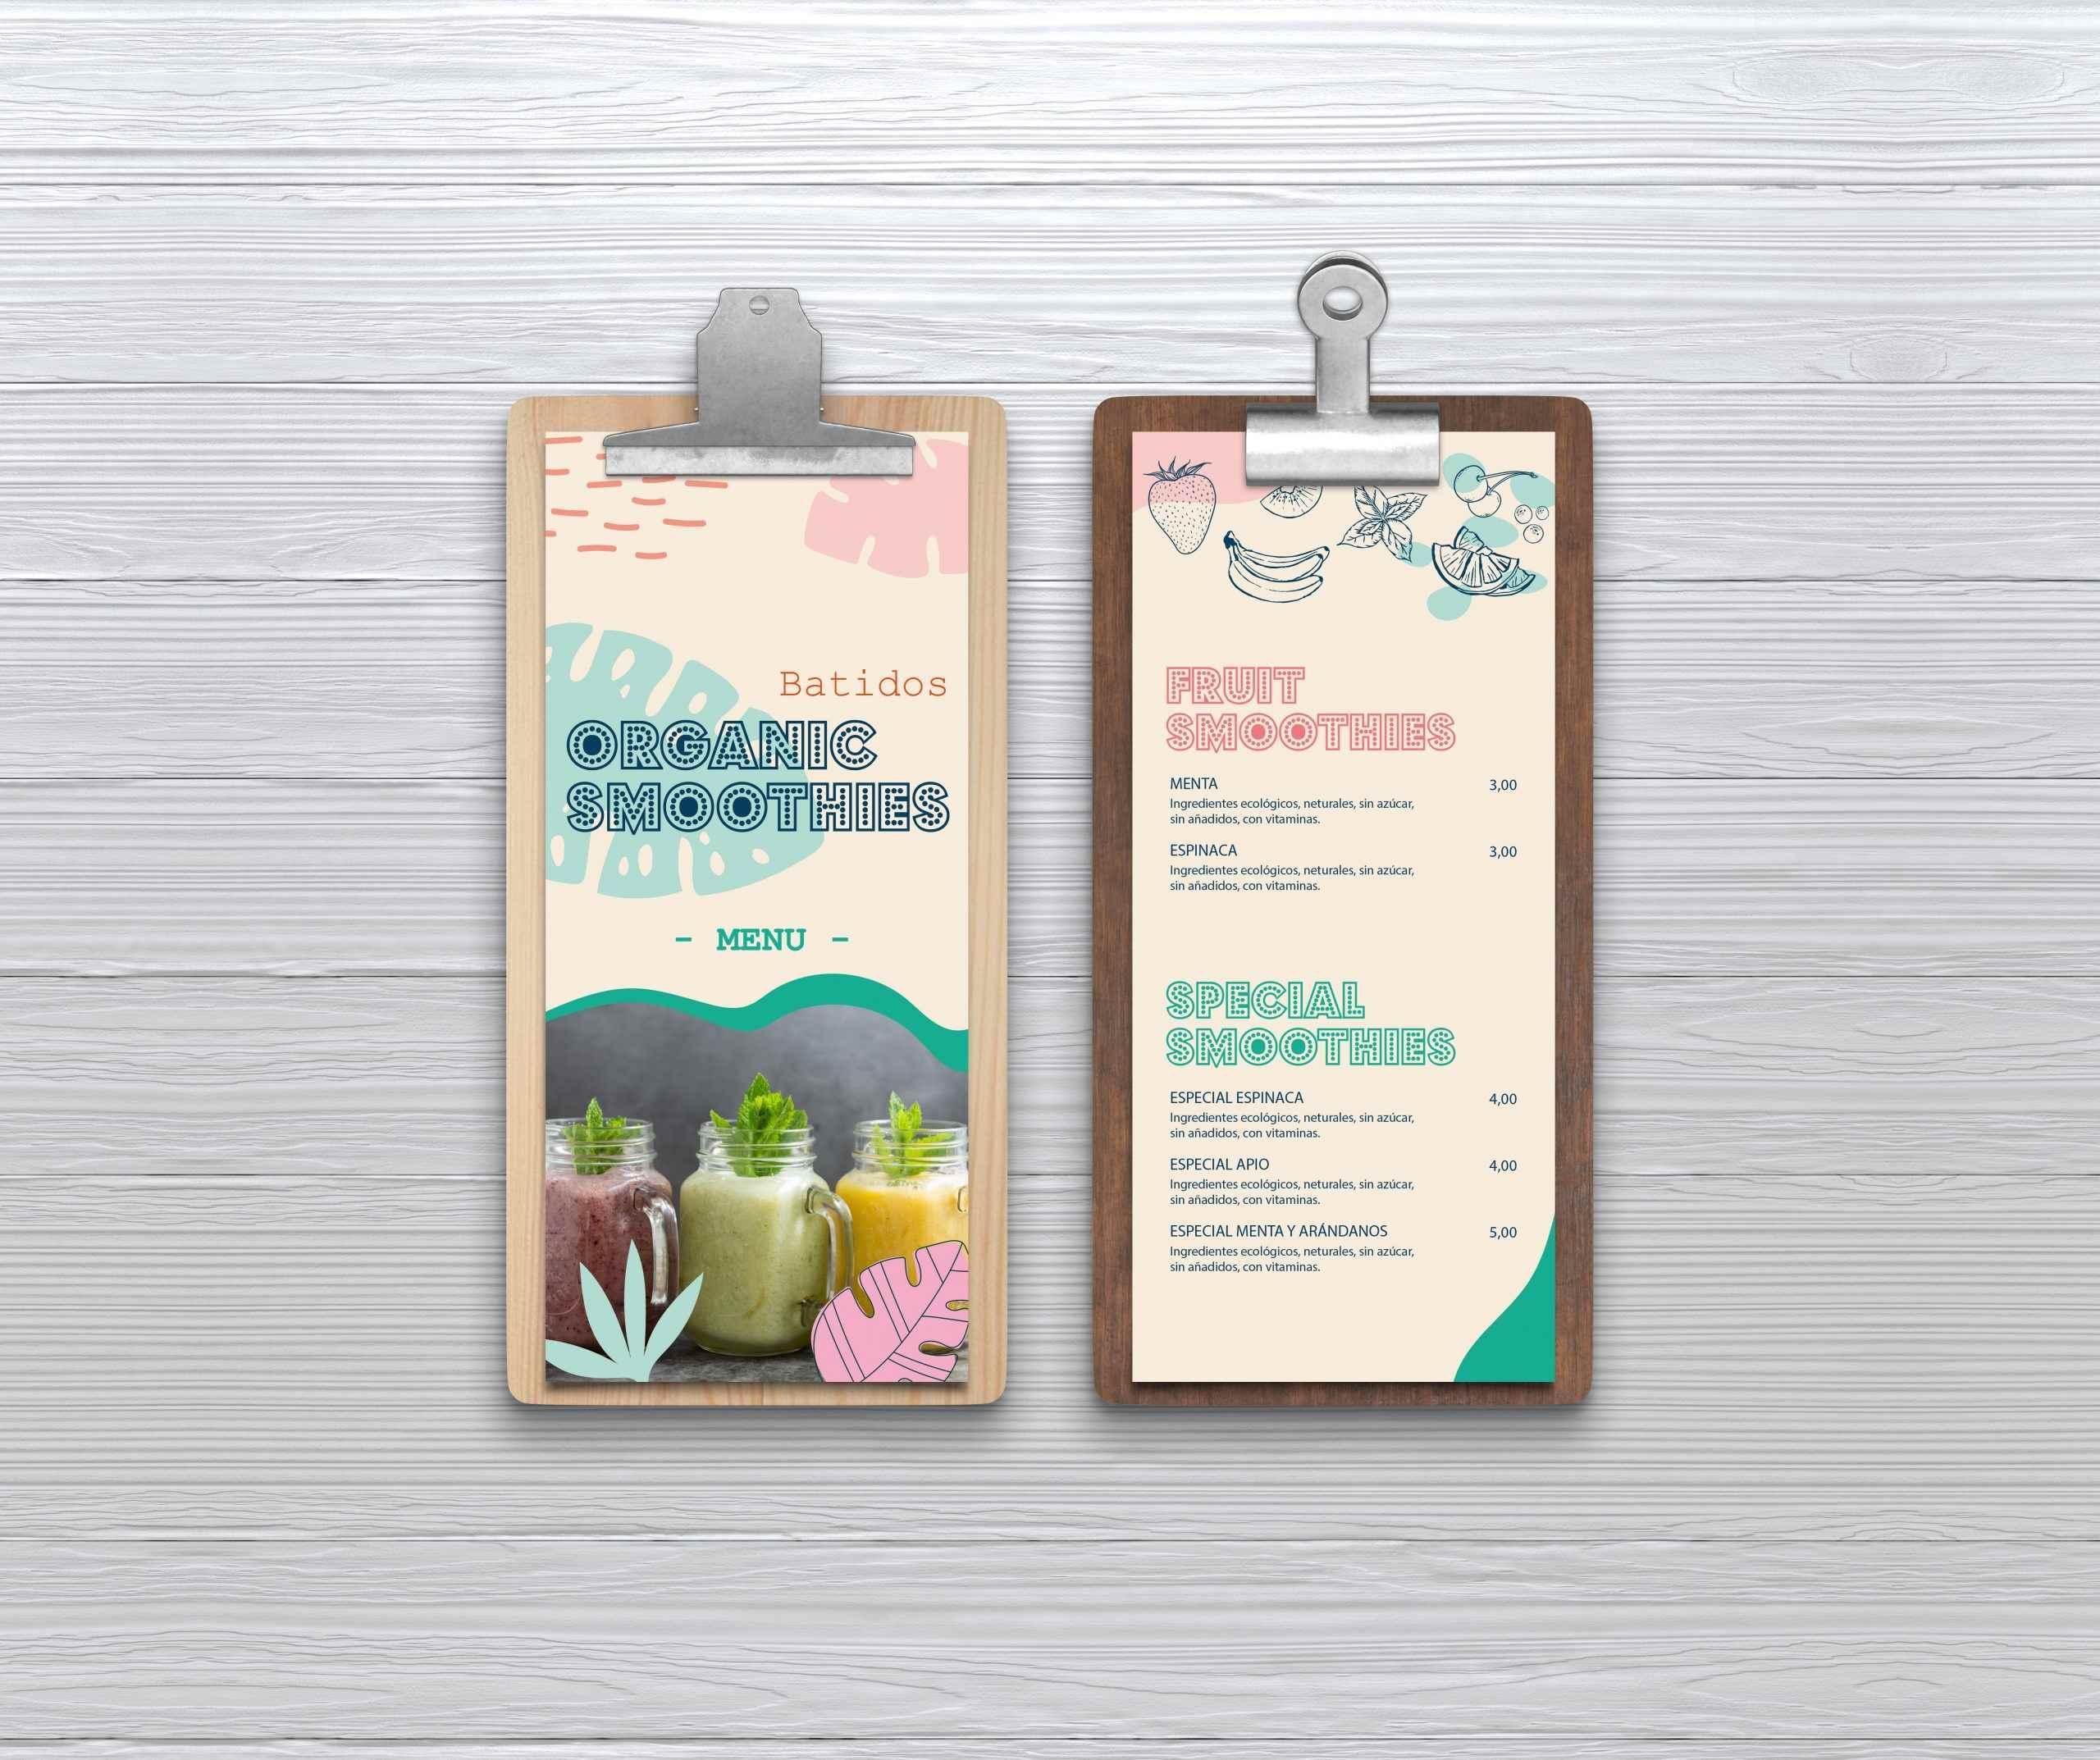 Impresion de Cartas de restaurantes